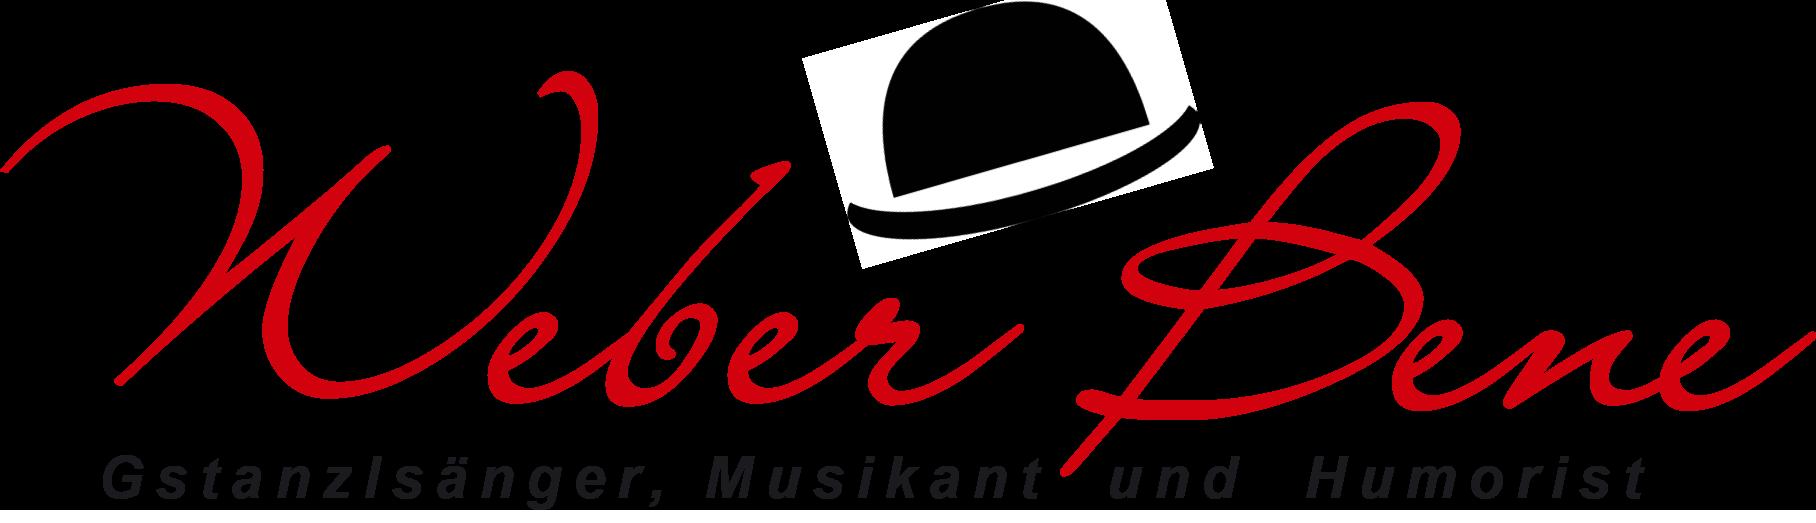 Weber Bene